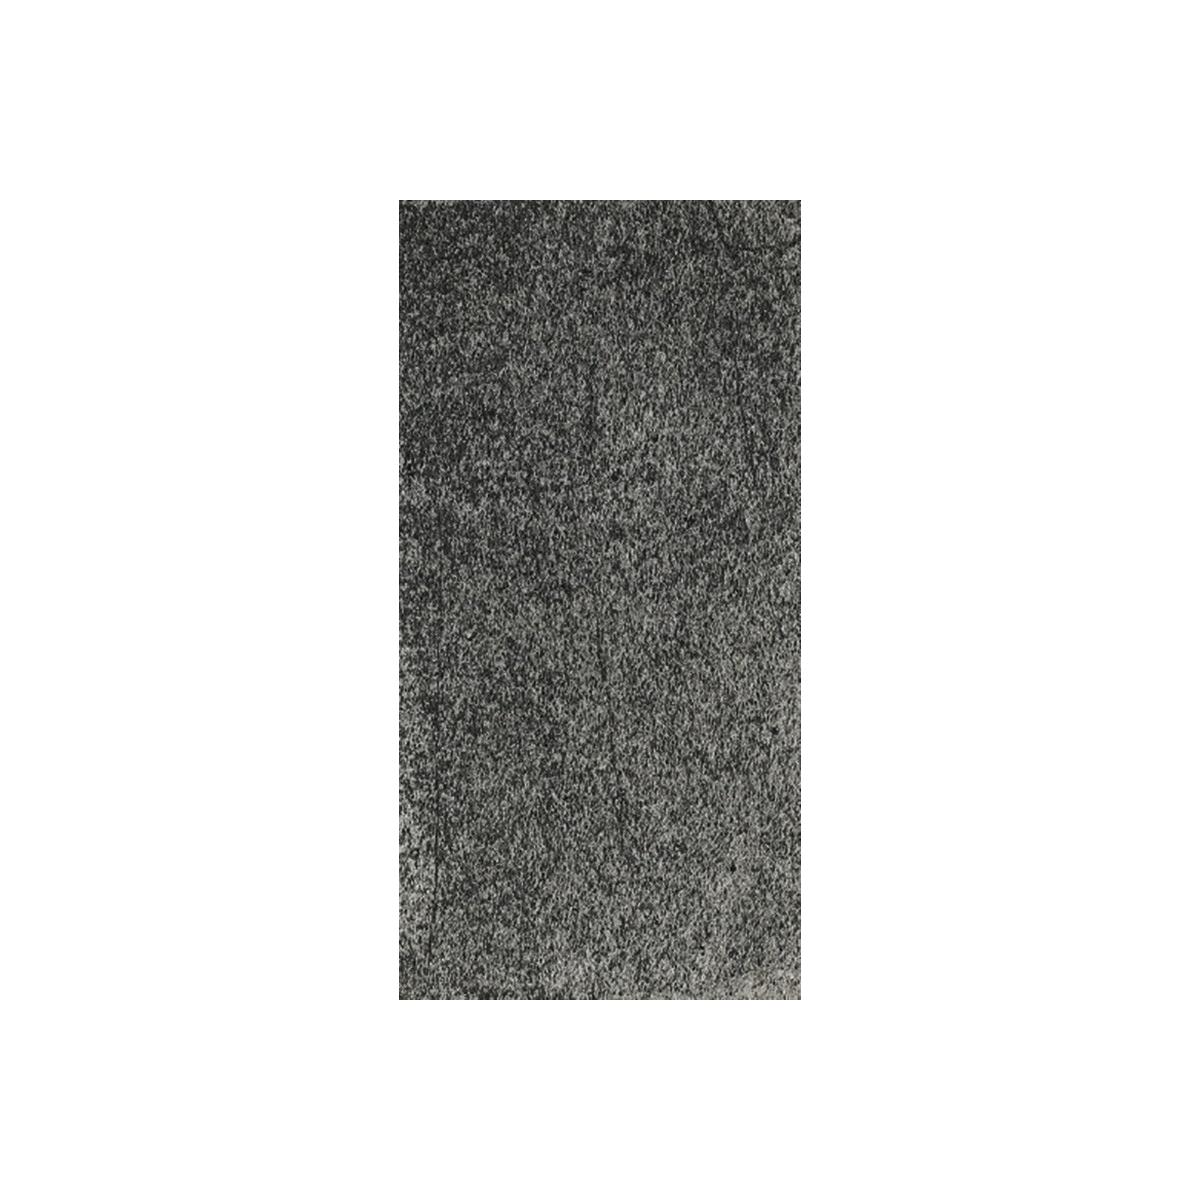 Pizarra natural flexible FS6009 / FT3009 (ud)